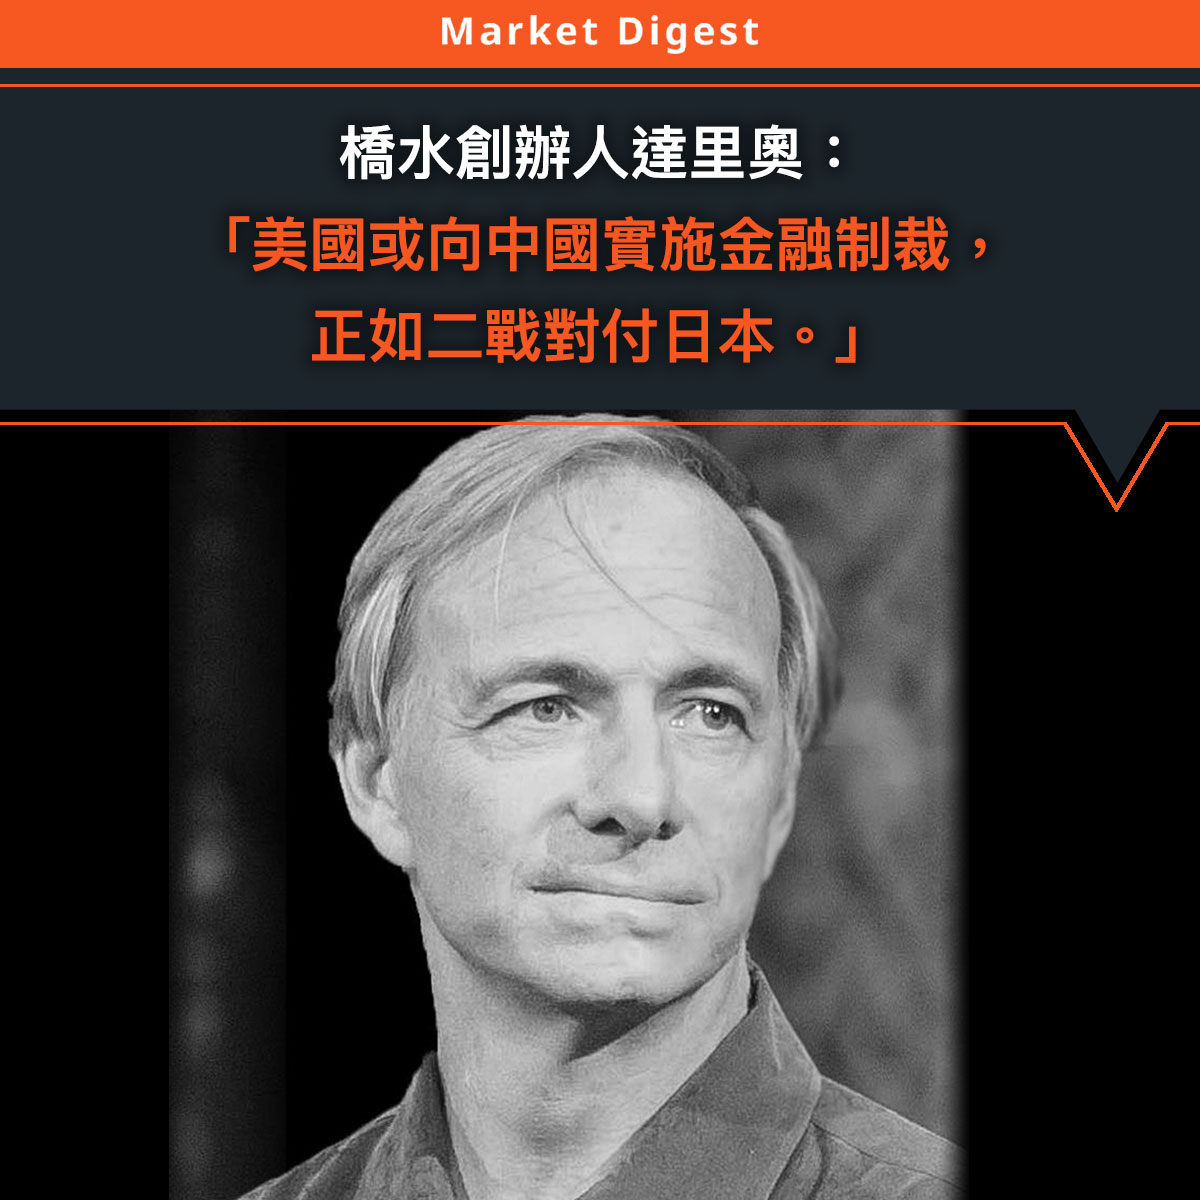 【市場熱話】橋水創辦人達里奧:「美國或向中國實施金融制裁, 正如二戰對付日本。」